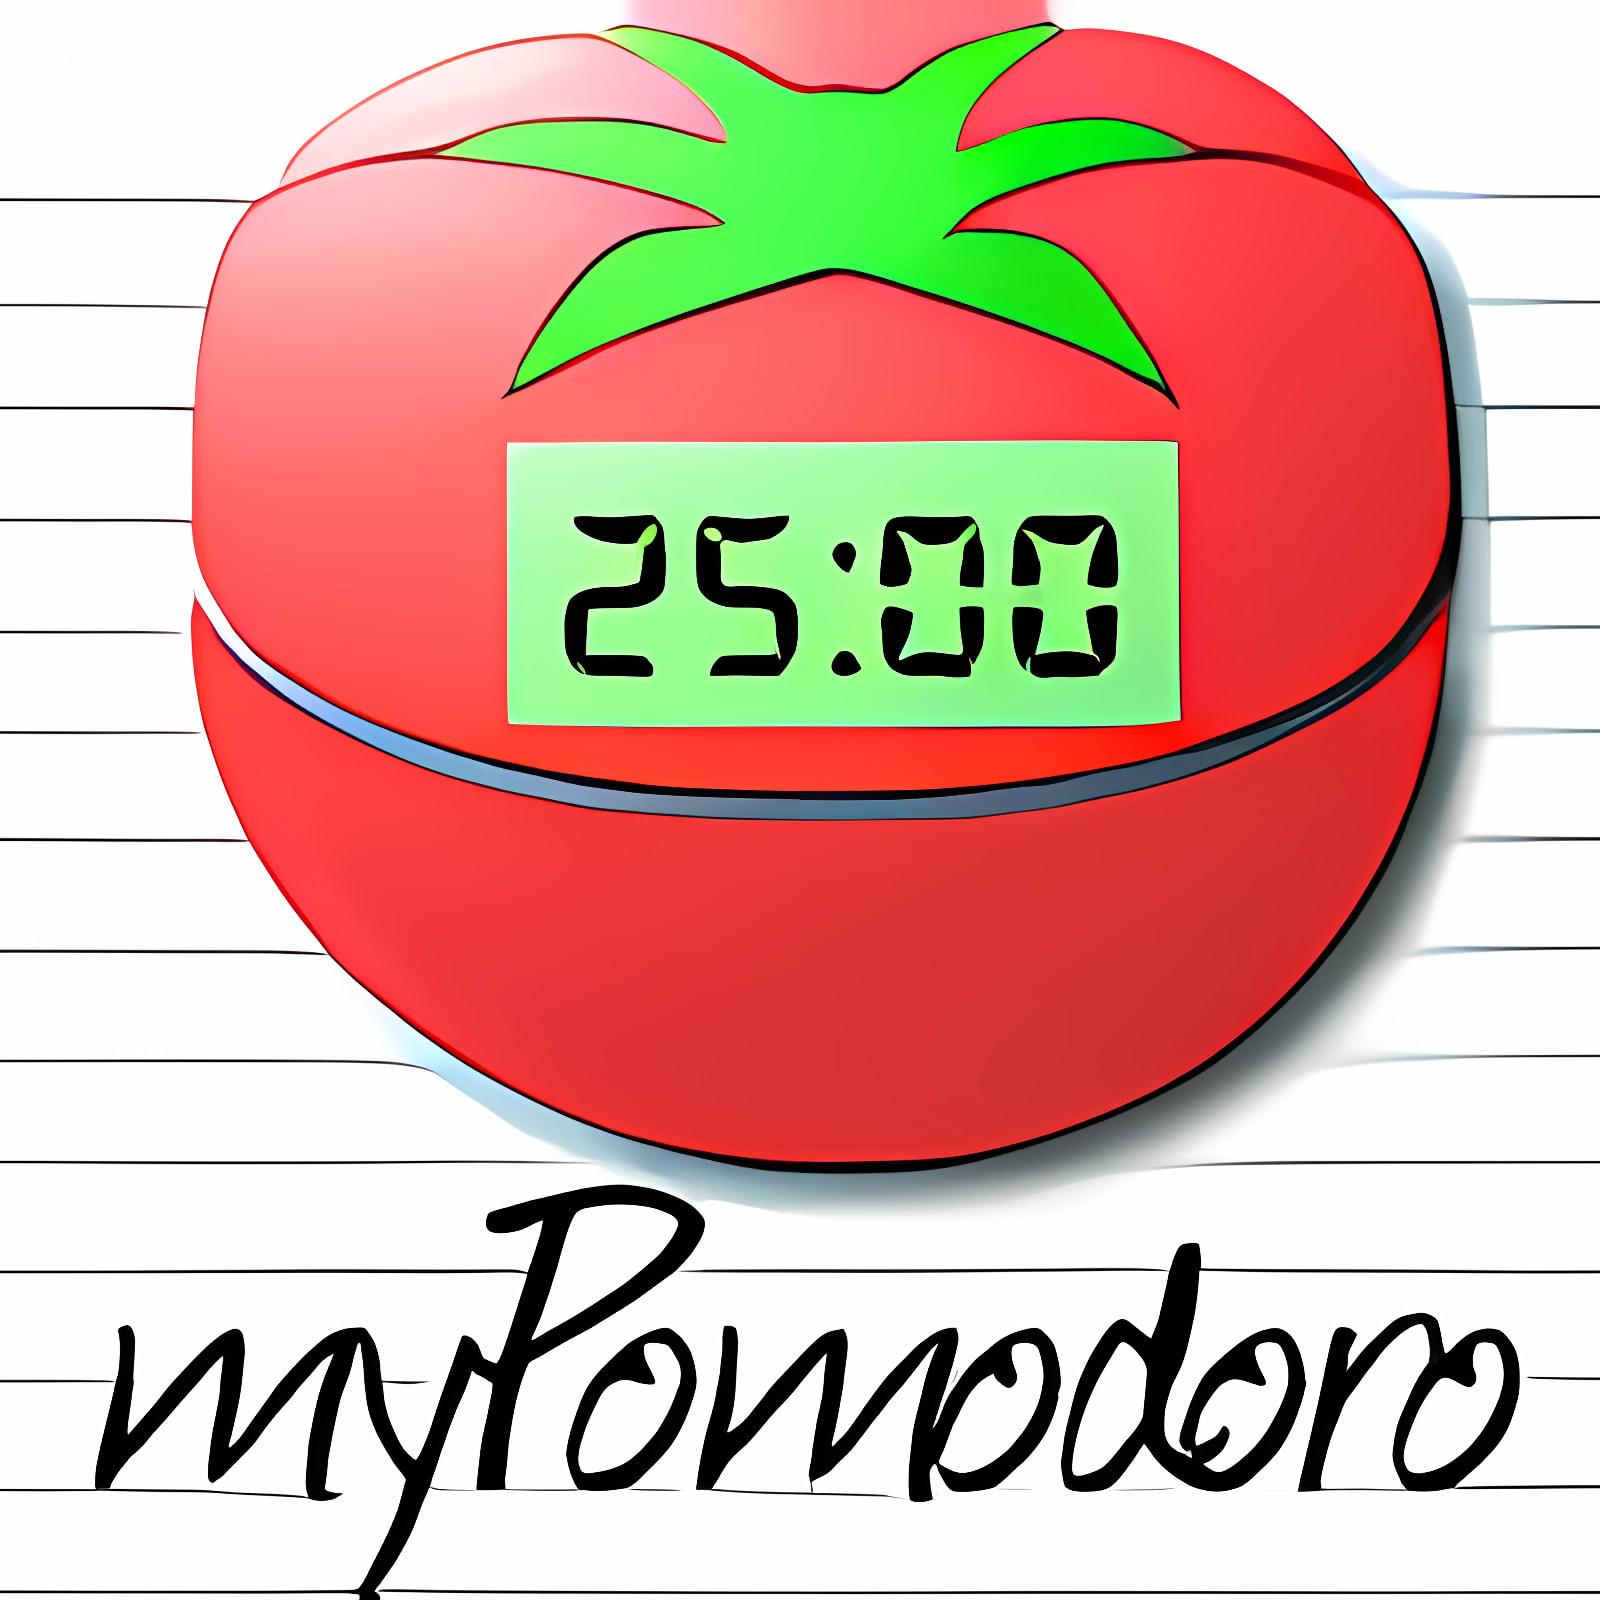 myPomodoro